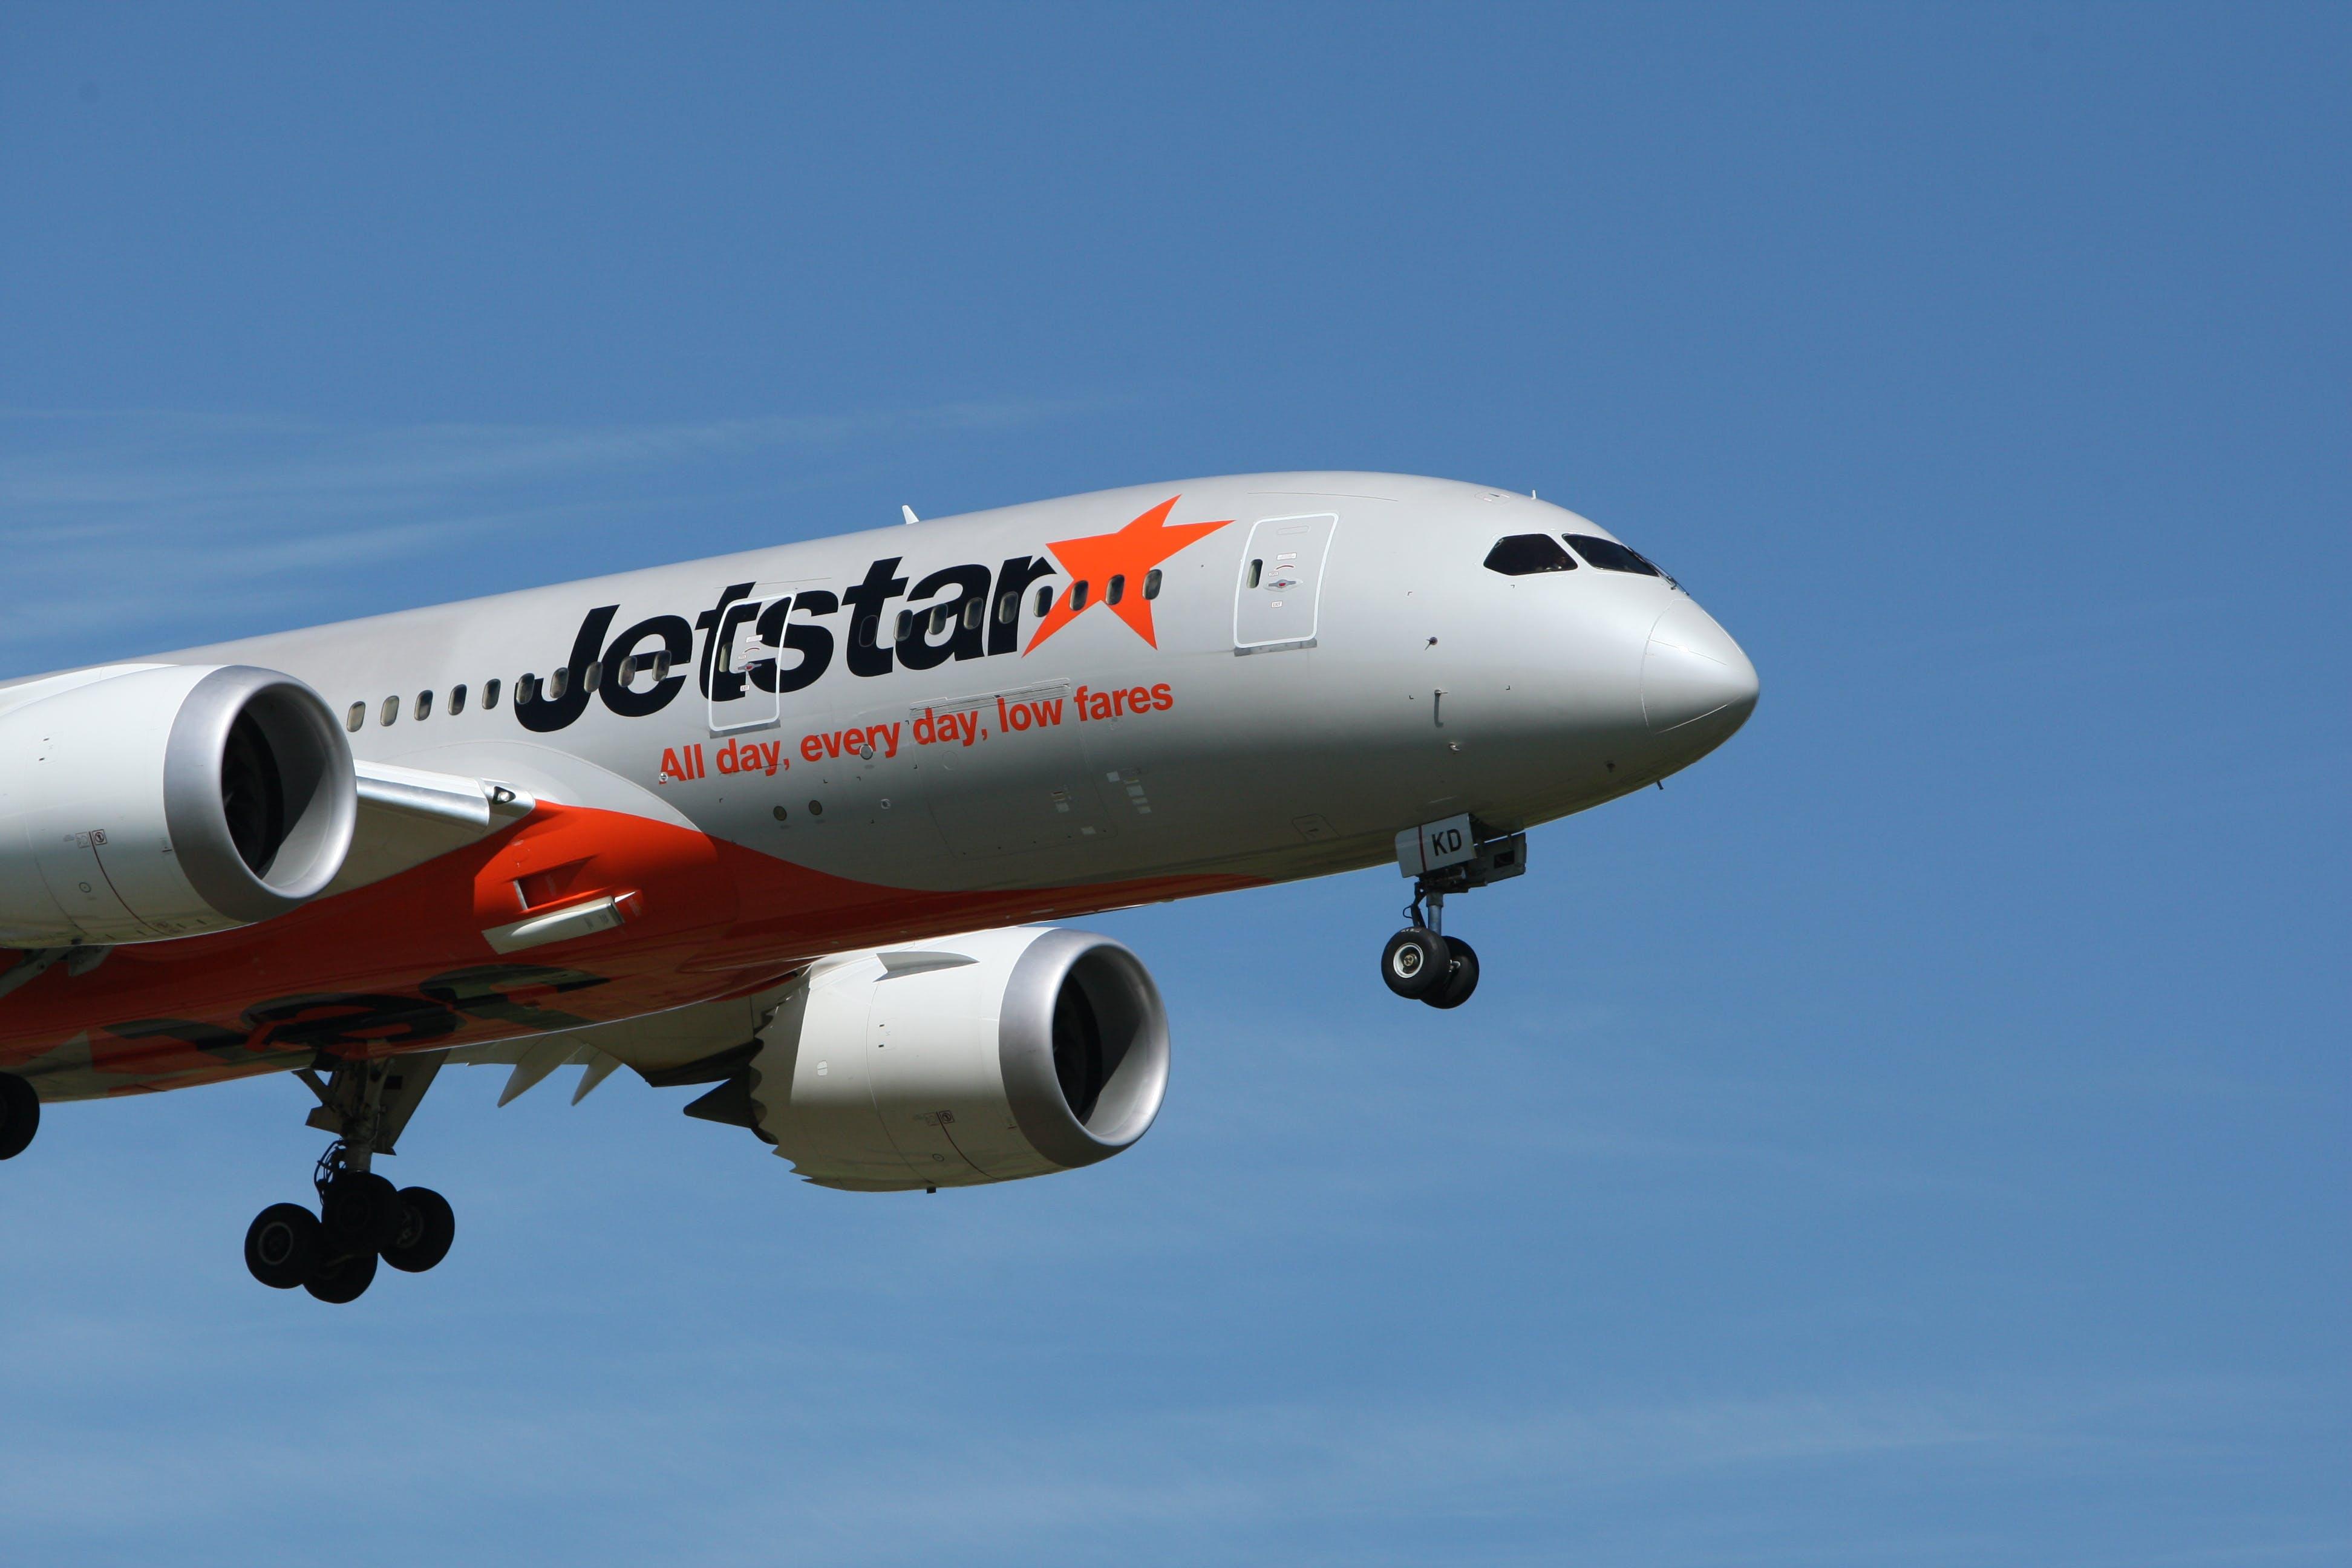 White Jetstar Airplane